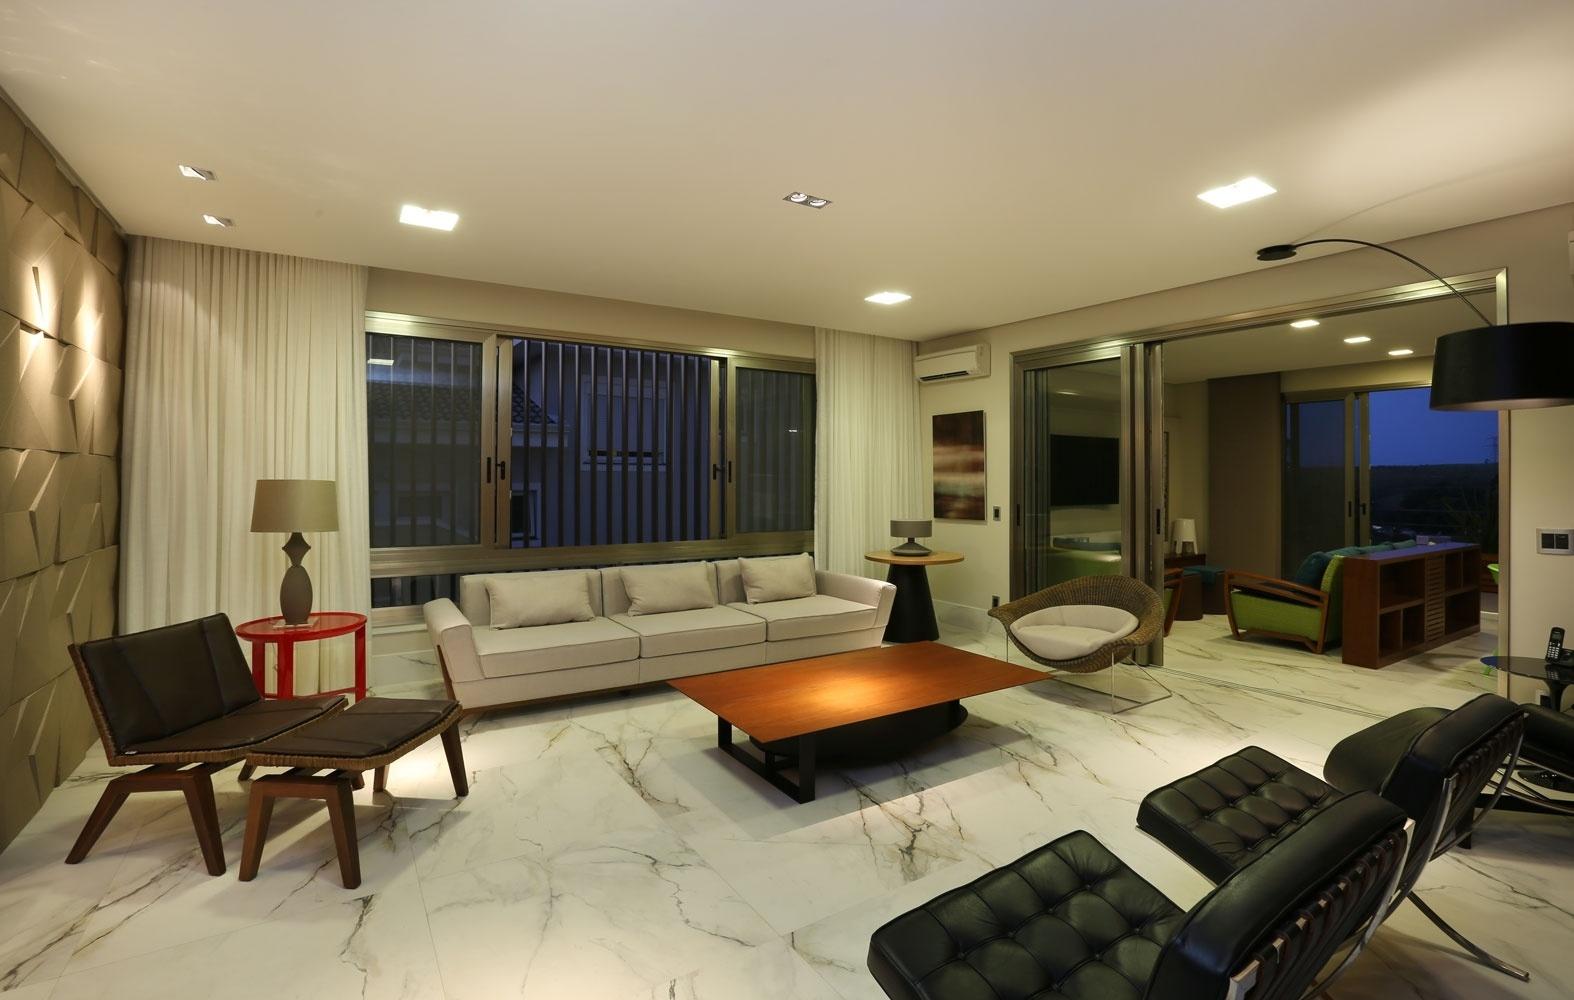 Toda a iluminação da casa Campinas, inclusive nos abajures do estar, é feita com LEDs, mais duráveis e mais econômicos em longo prazo. O algodão para estofar o sofá foi reciclado e as poltronas levam lona de caminhão reutilizada. A arquitetura foi assinada por Teresa d'Ávila